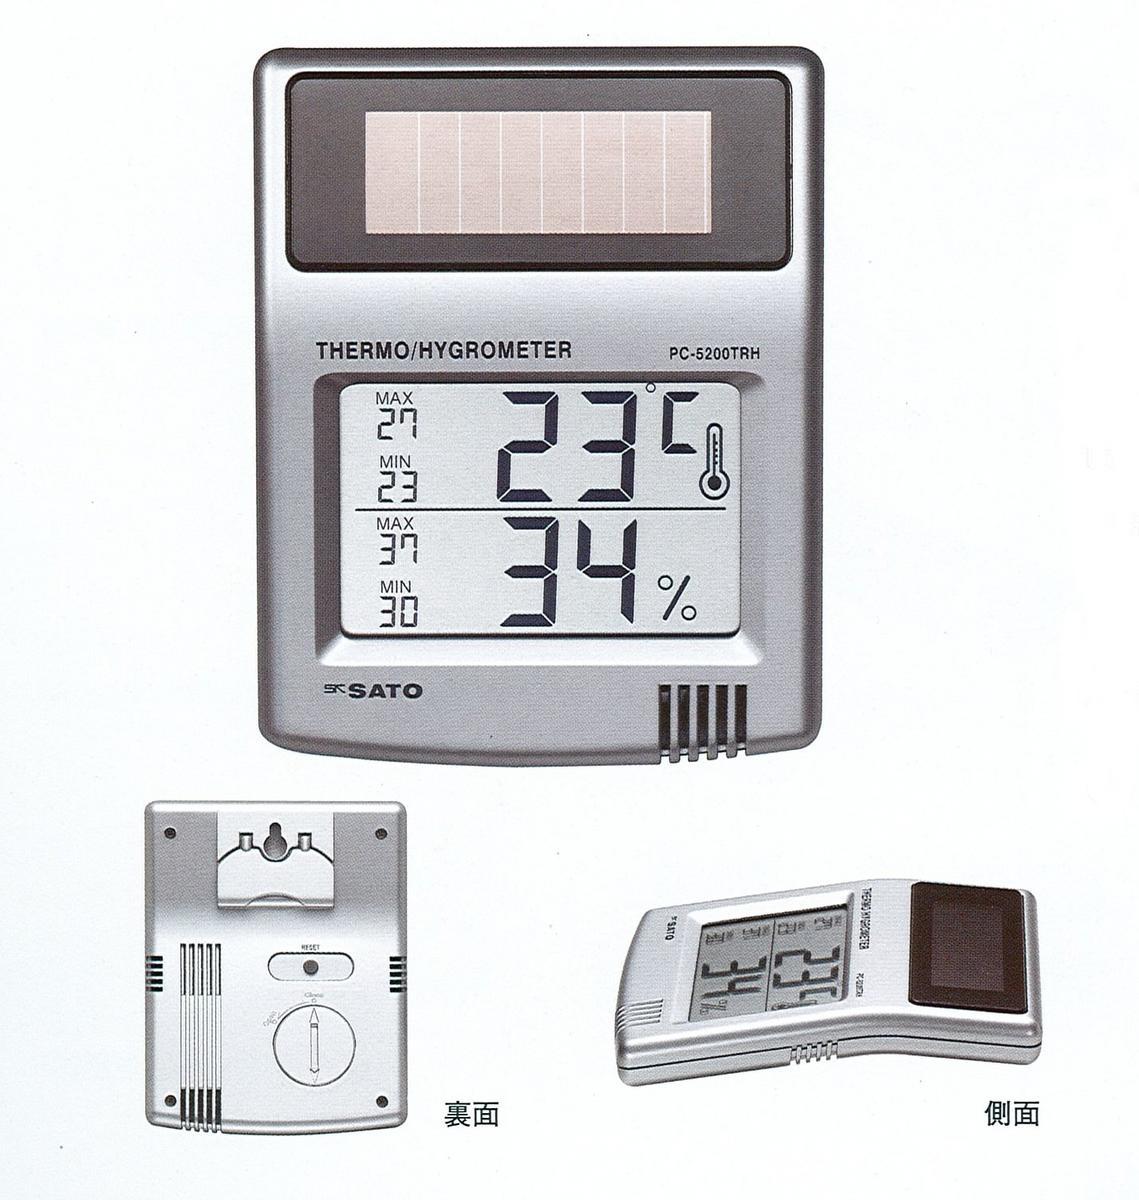 ソーラー デジタル温湿度計 最安値 新製品 毎日続々入荷 PC-5200TRH